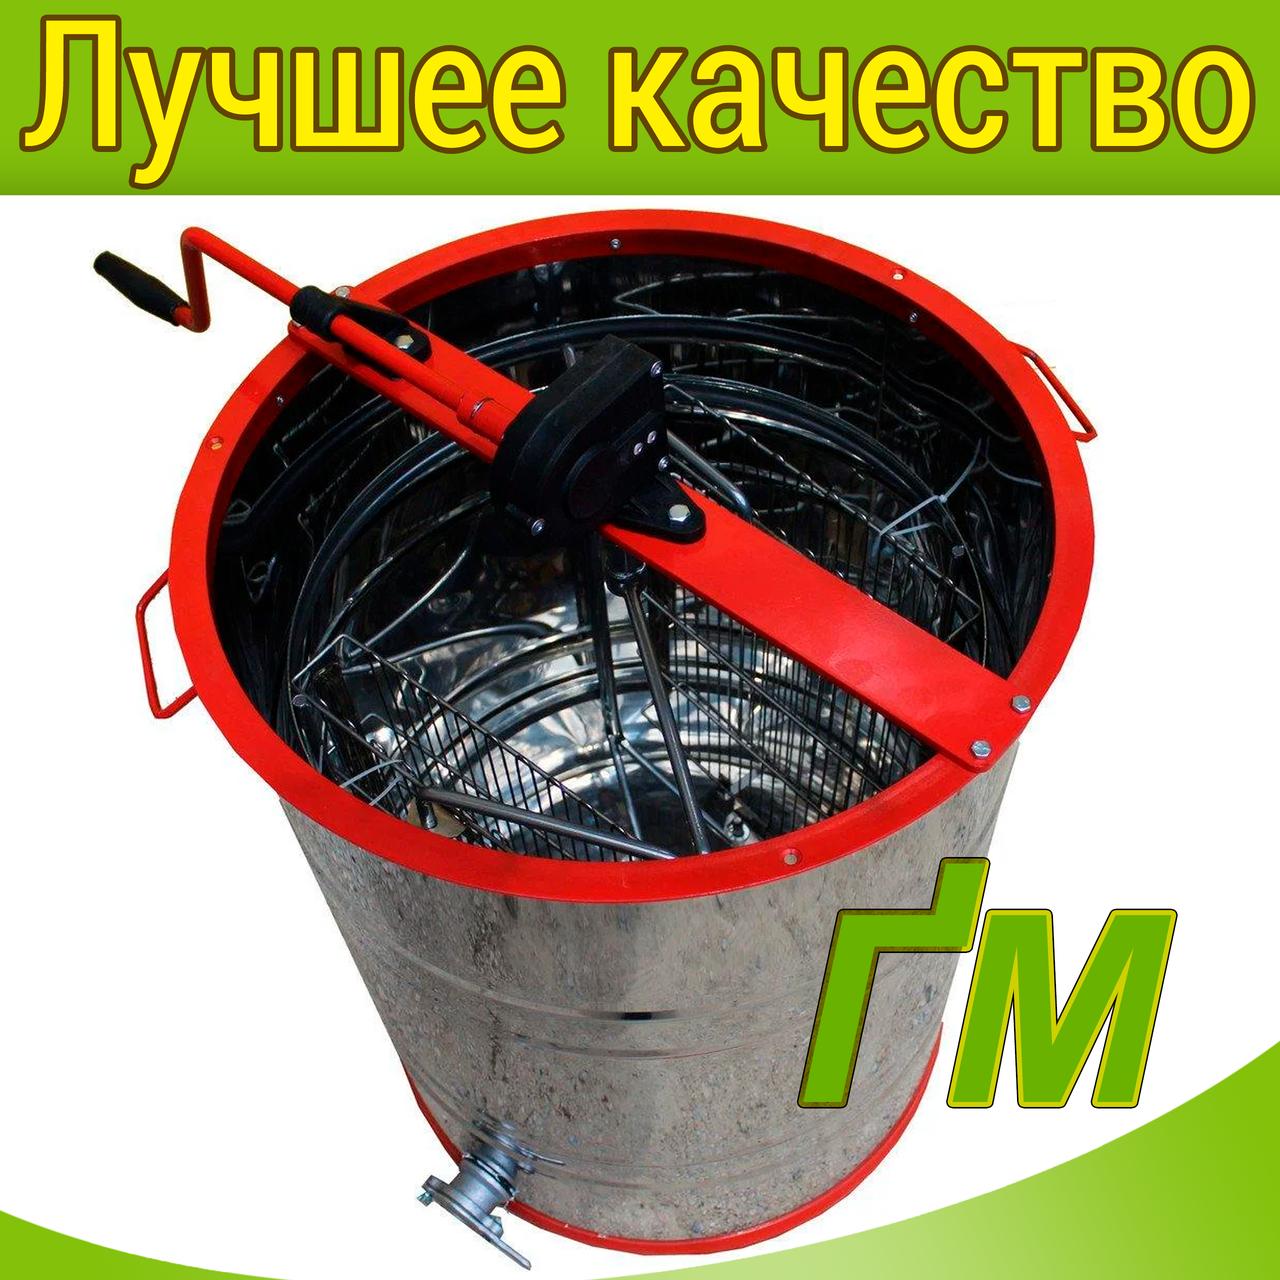 Медогонка 2-х рамочная не поворотная, нержавеющий корпус, кассеты, ротор